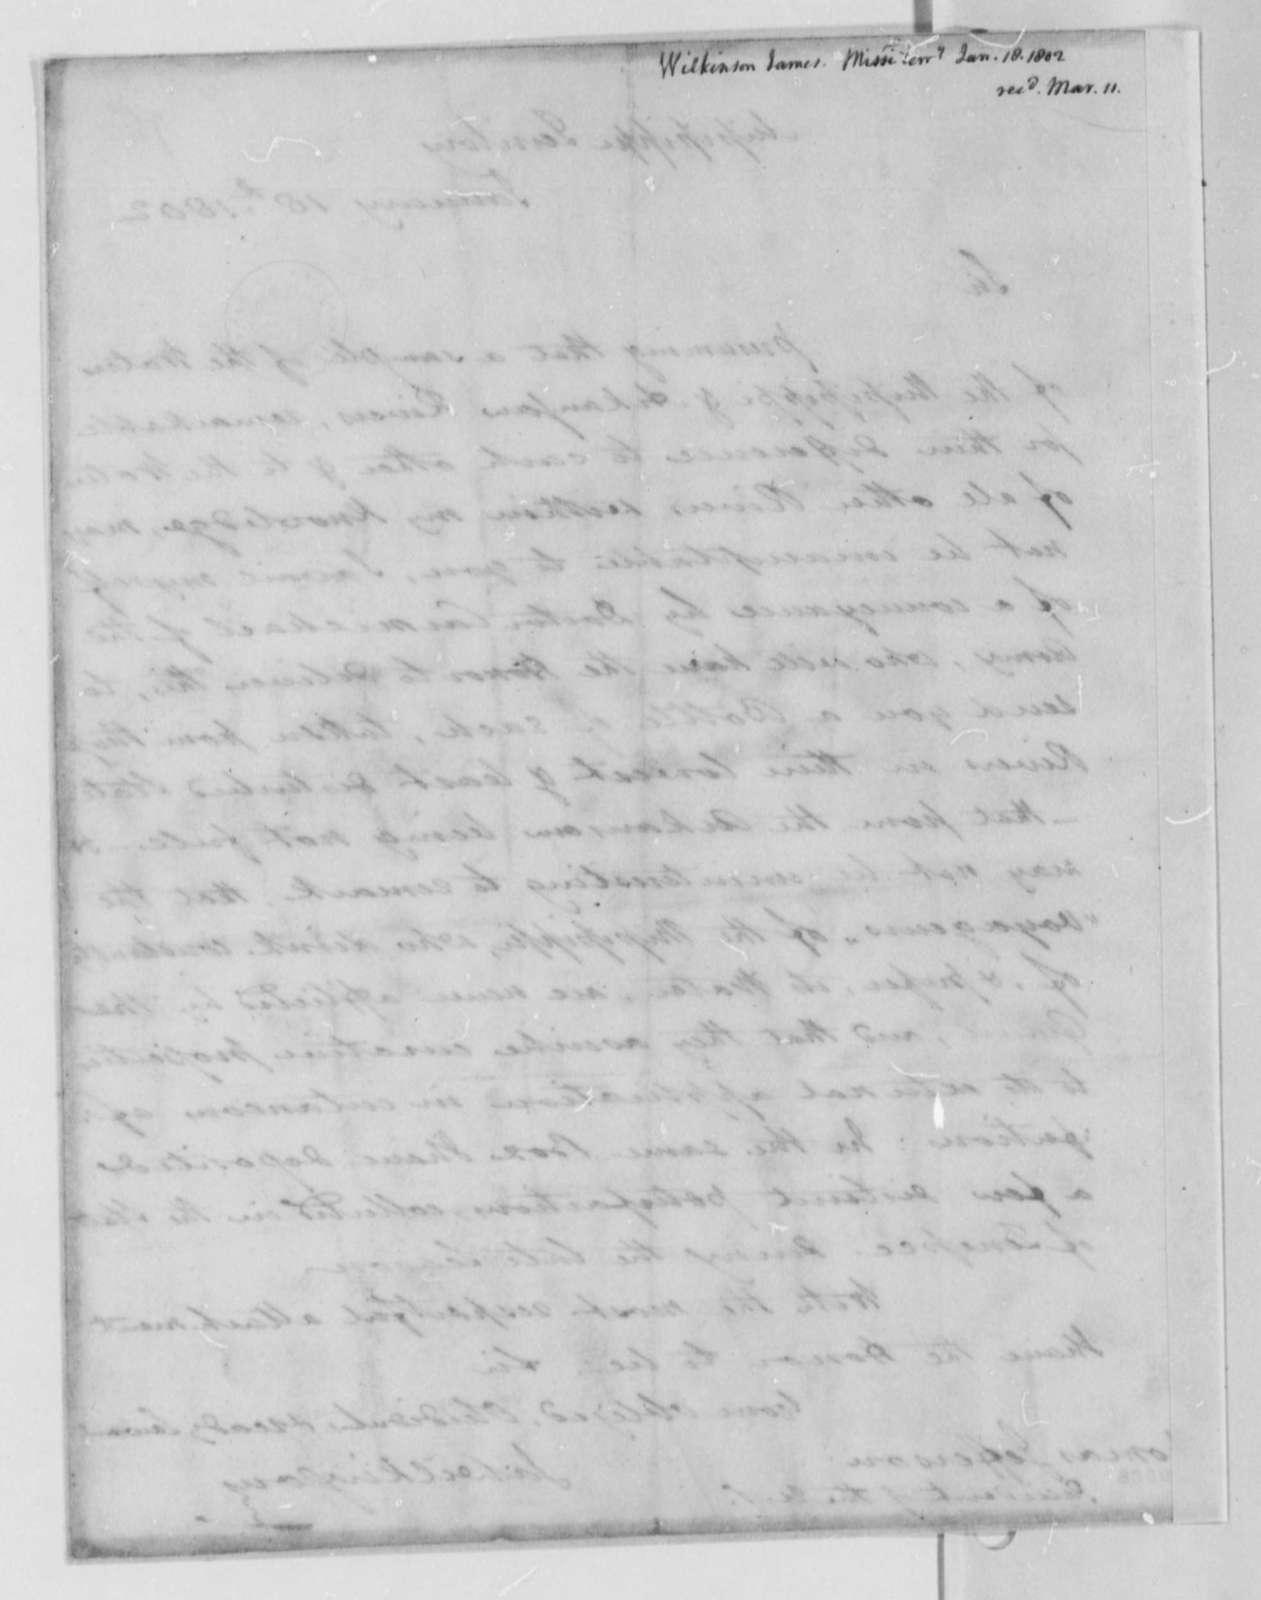 James Wilkinson to Thomas Jefferson, January 18, 1802